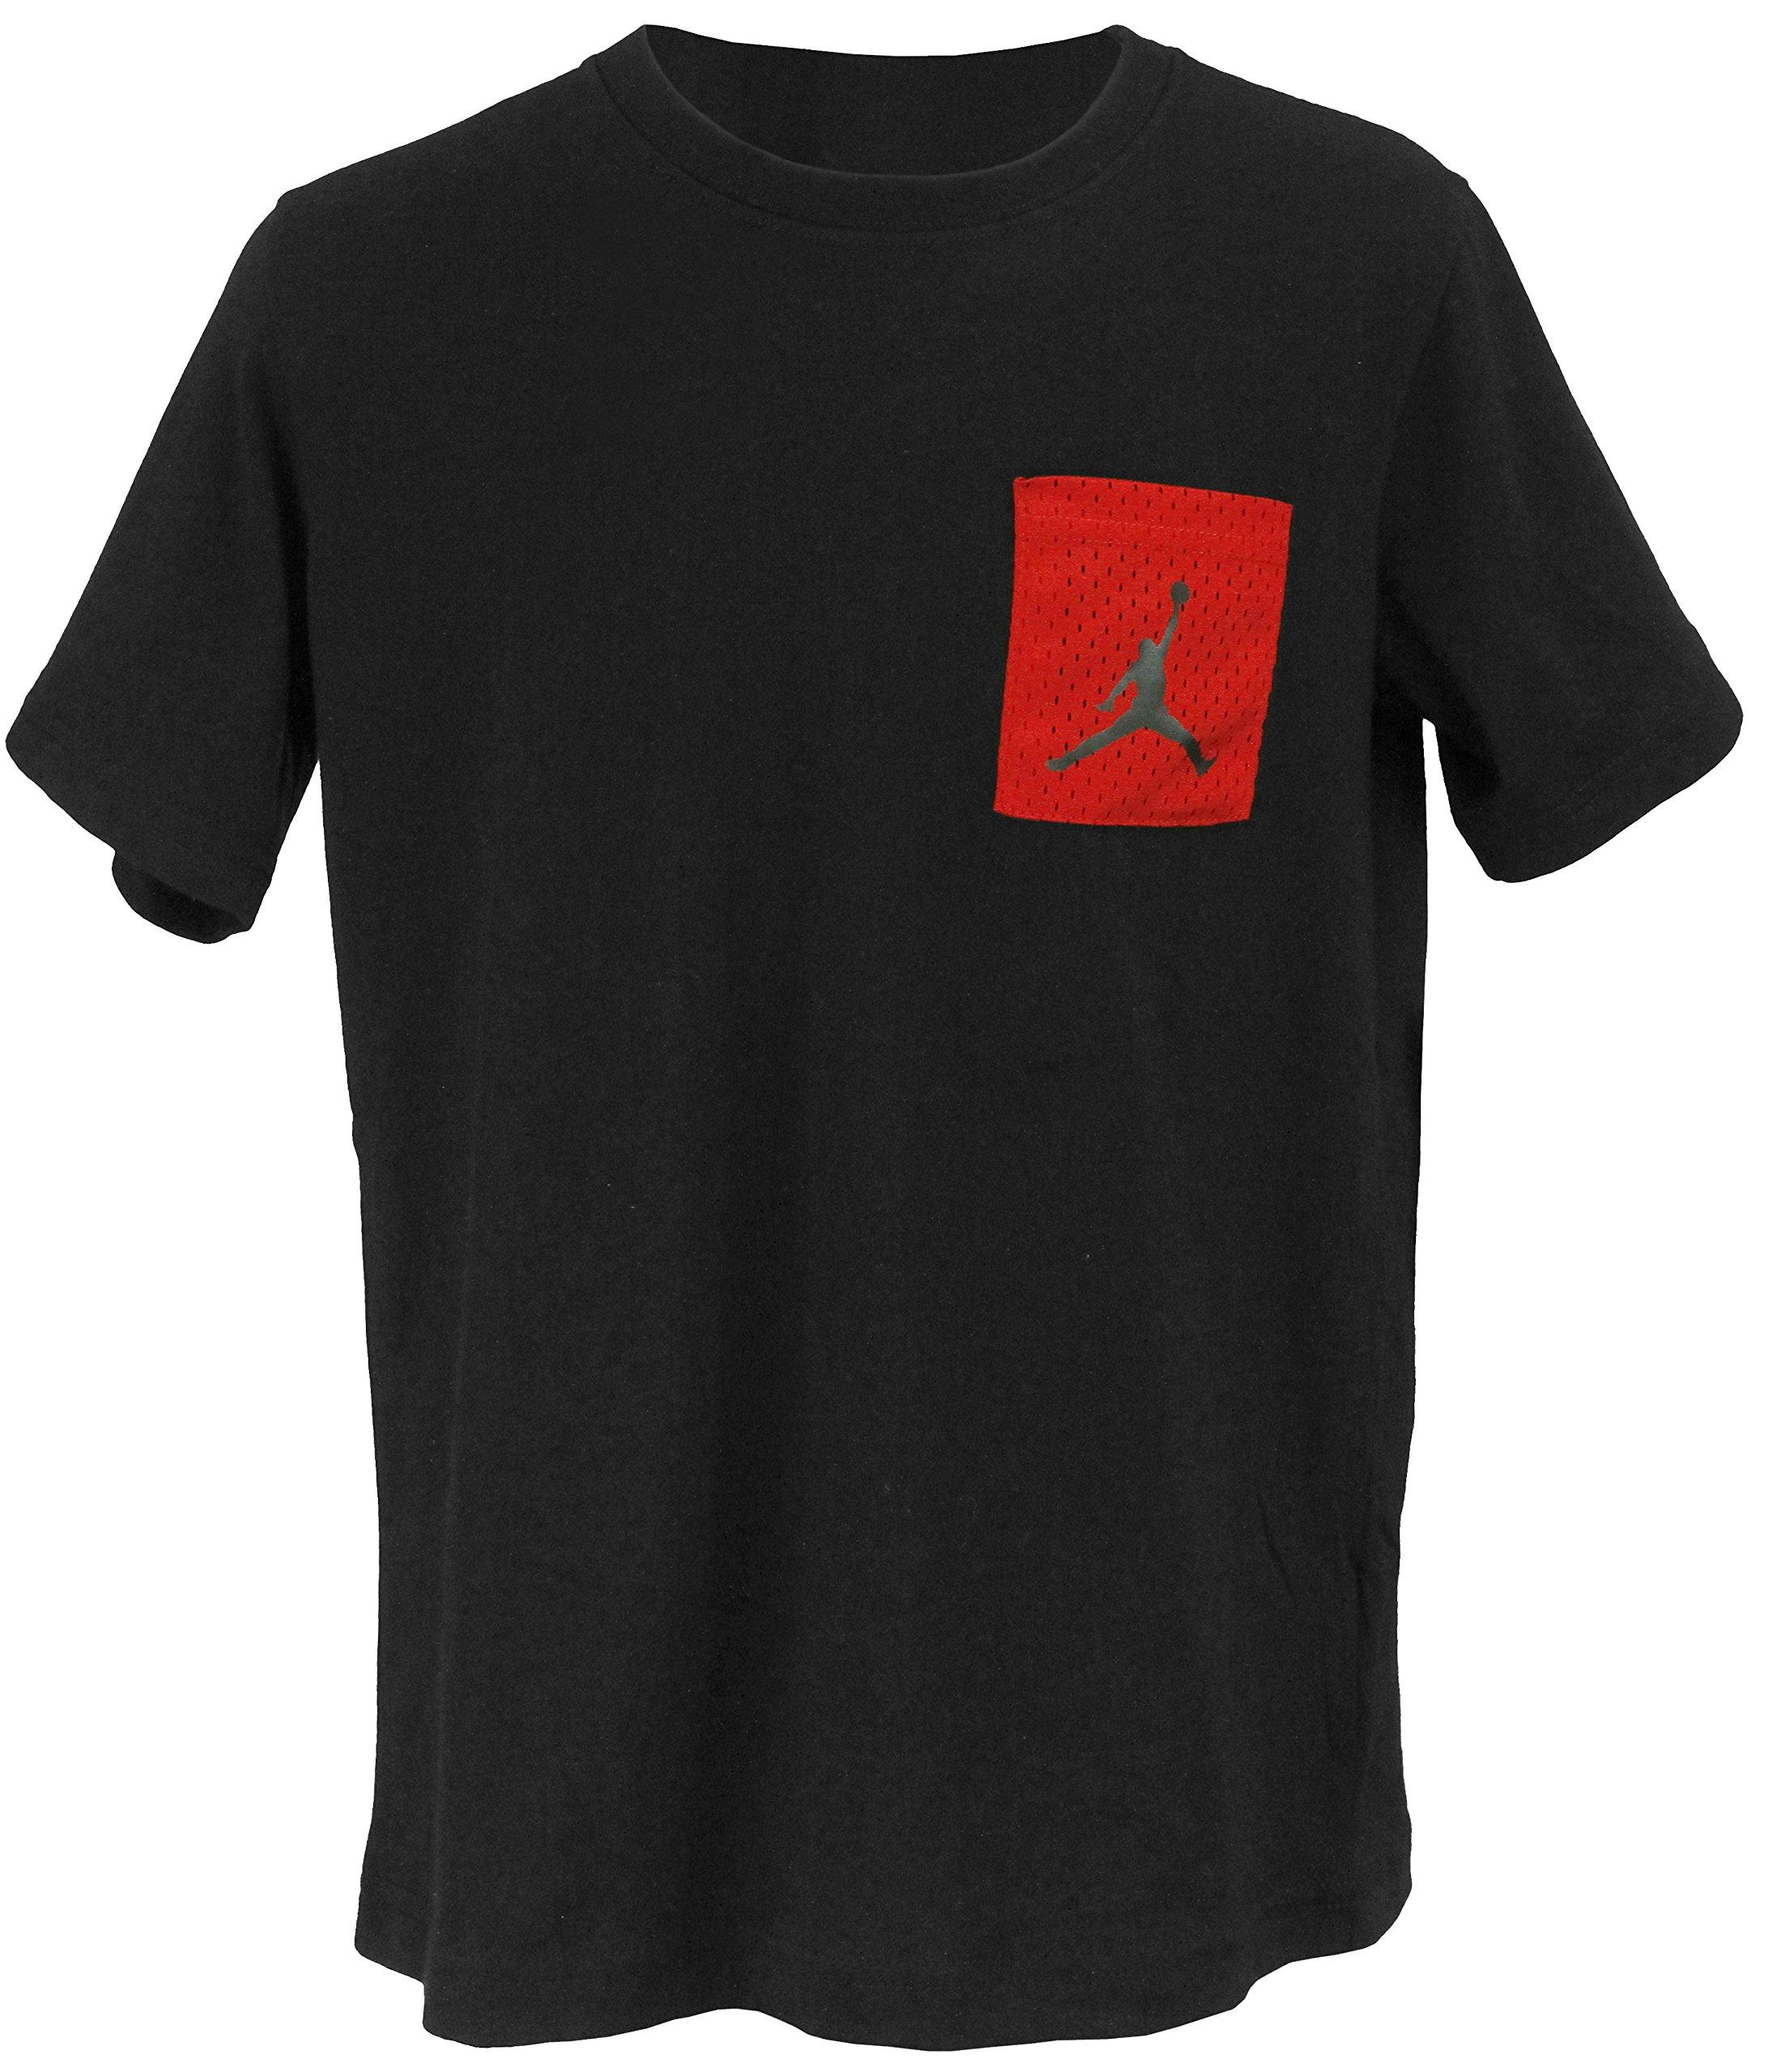 Jordan Nike Boy's Mesh Red Pocket T-Shirt - Black (X-Large)